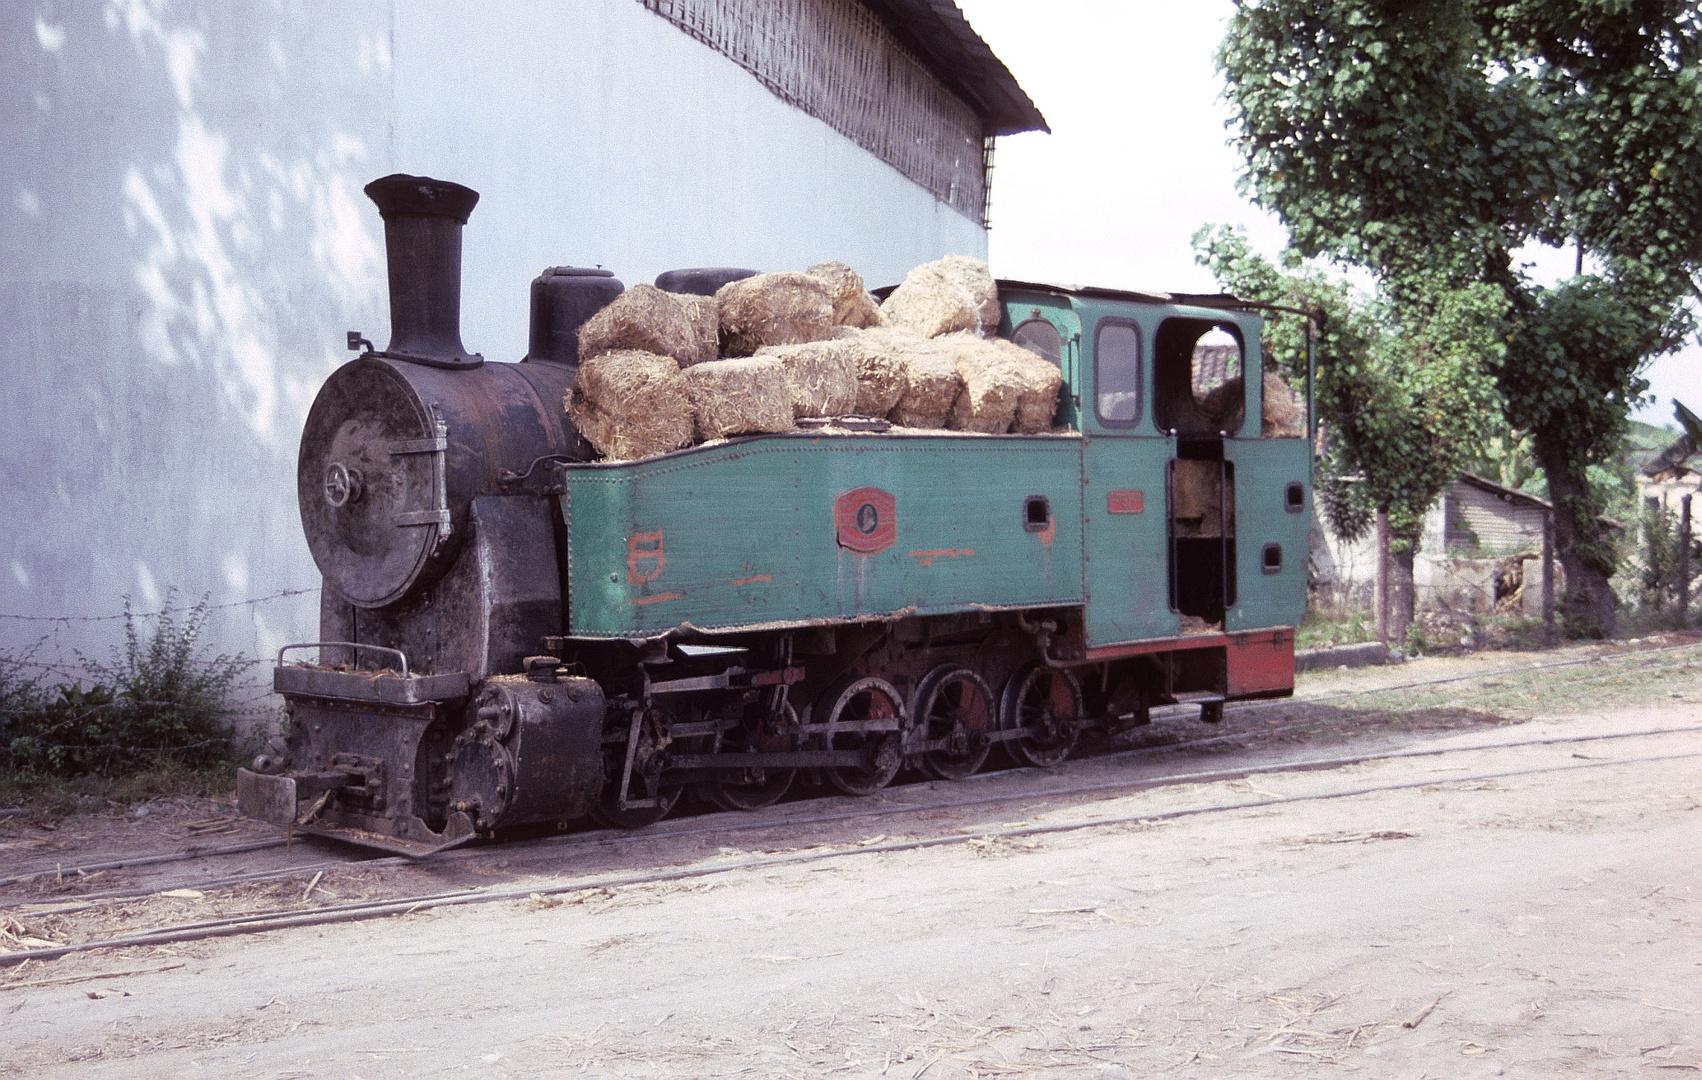 Zuckerfabrik PG Ceper, Klaten bei Solo (Java, Indonesien), August 1992